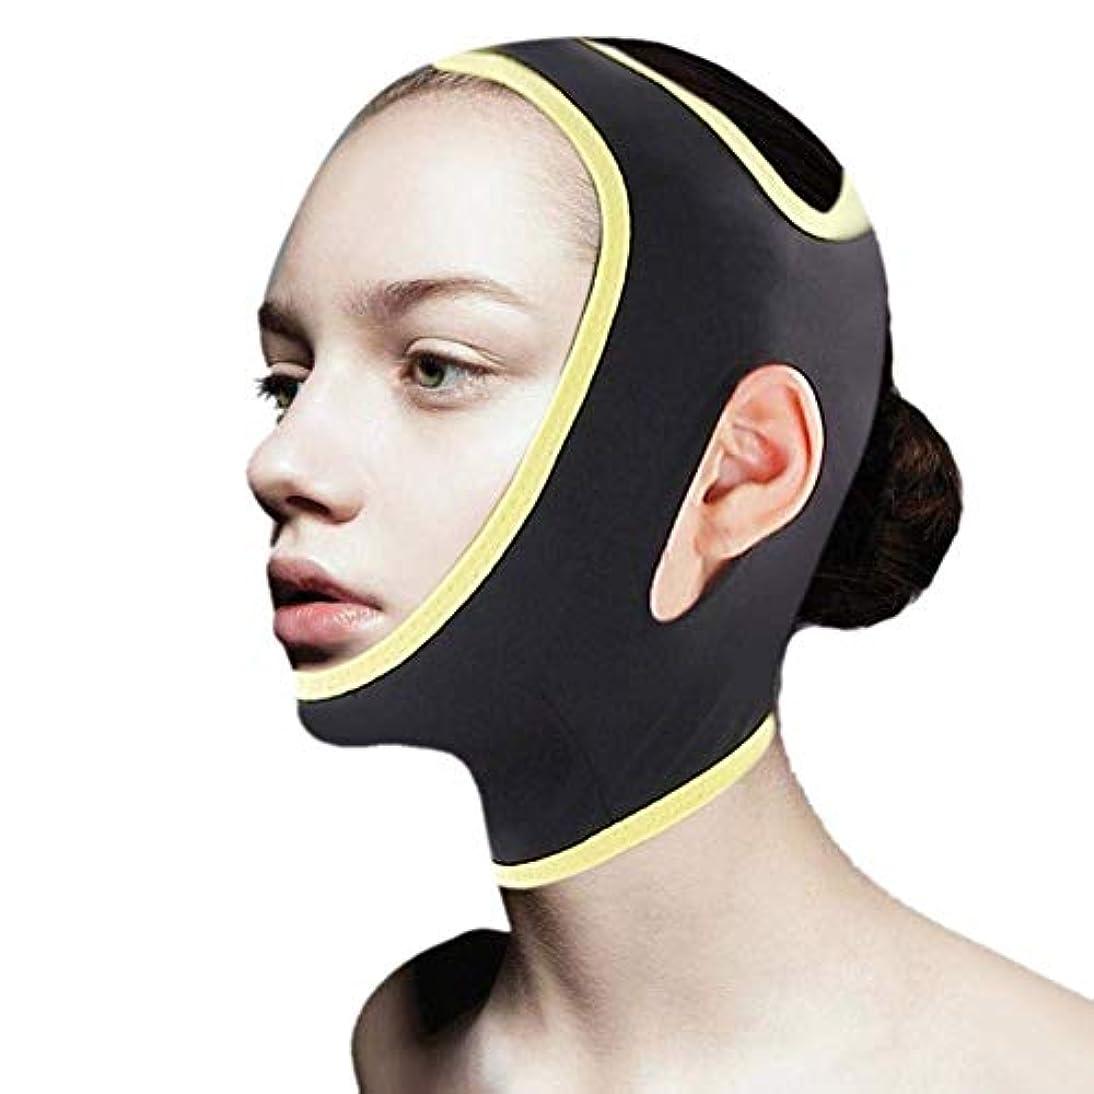 焼く眉断片WSJTT 顔のスリミングストラップ - チンはフェイシャルマスクを持ち上げては - 皮膚のたるみを排除 - アンチエイジング痛み無料ウェイVフェイスラインベルトチンチークスリムリフト (Size : L)